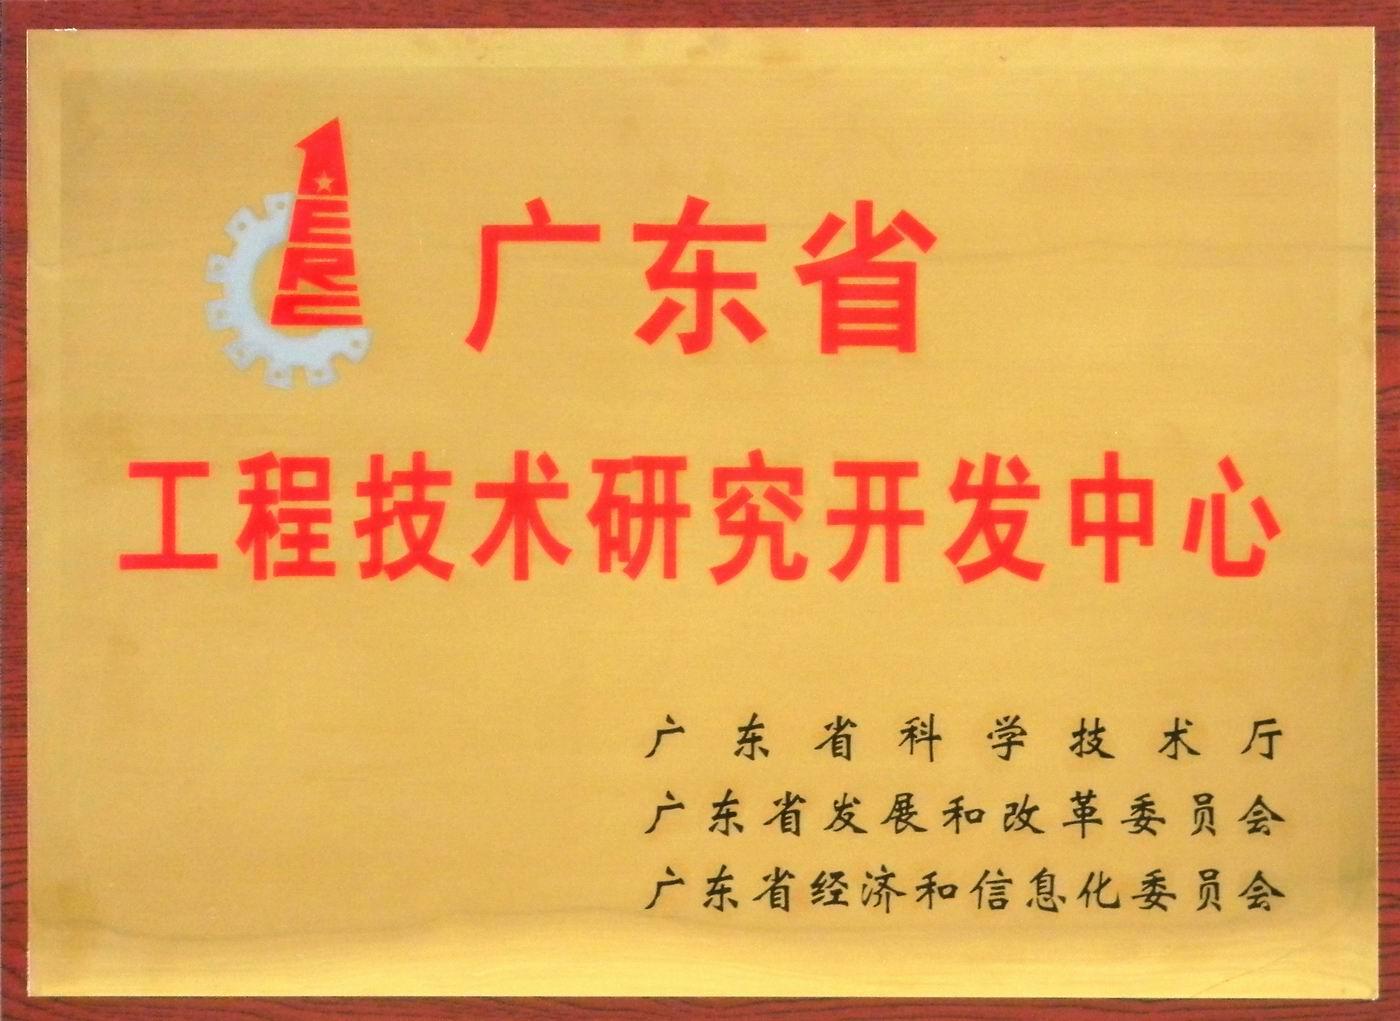 广东省工程技术研究开发中心